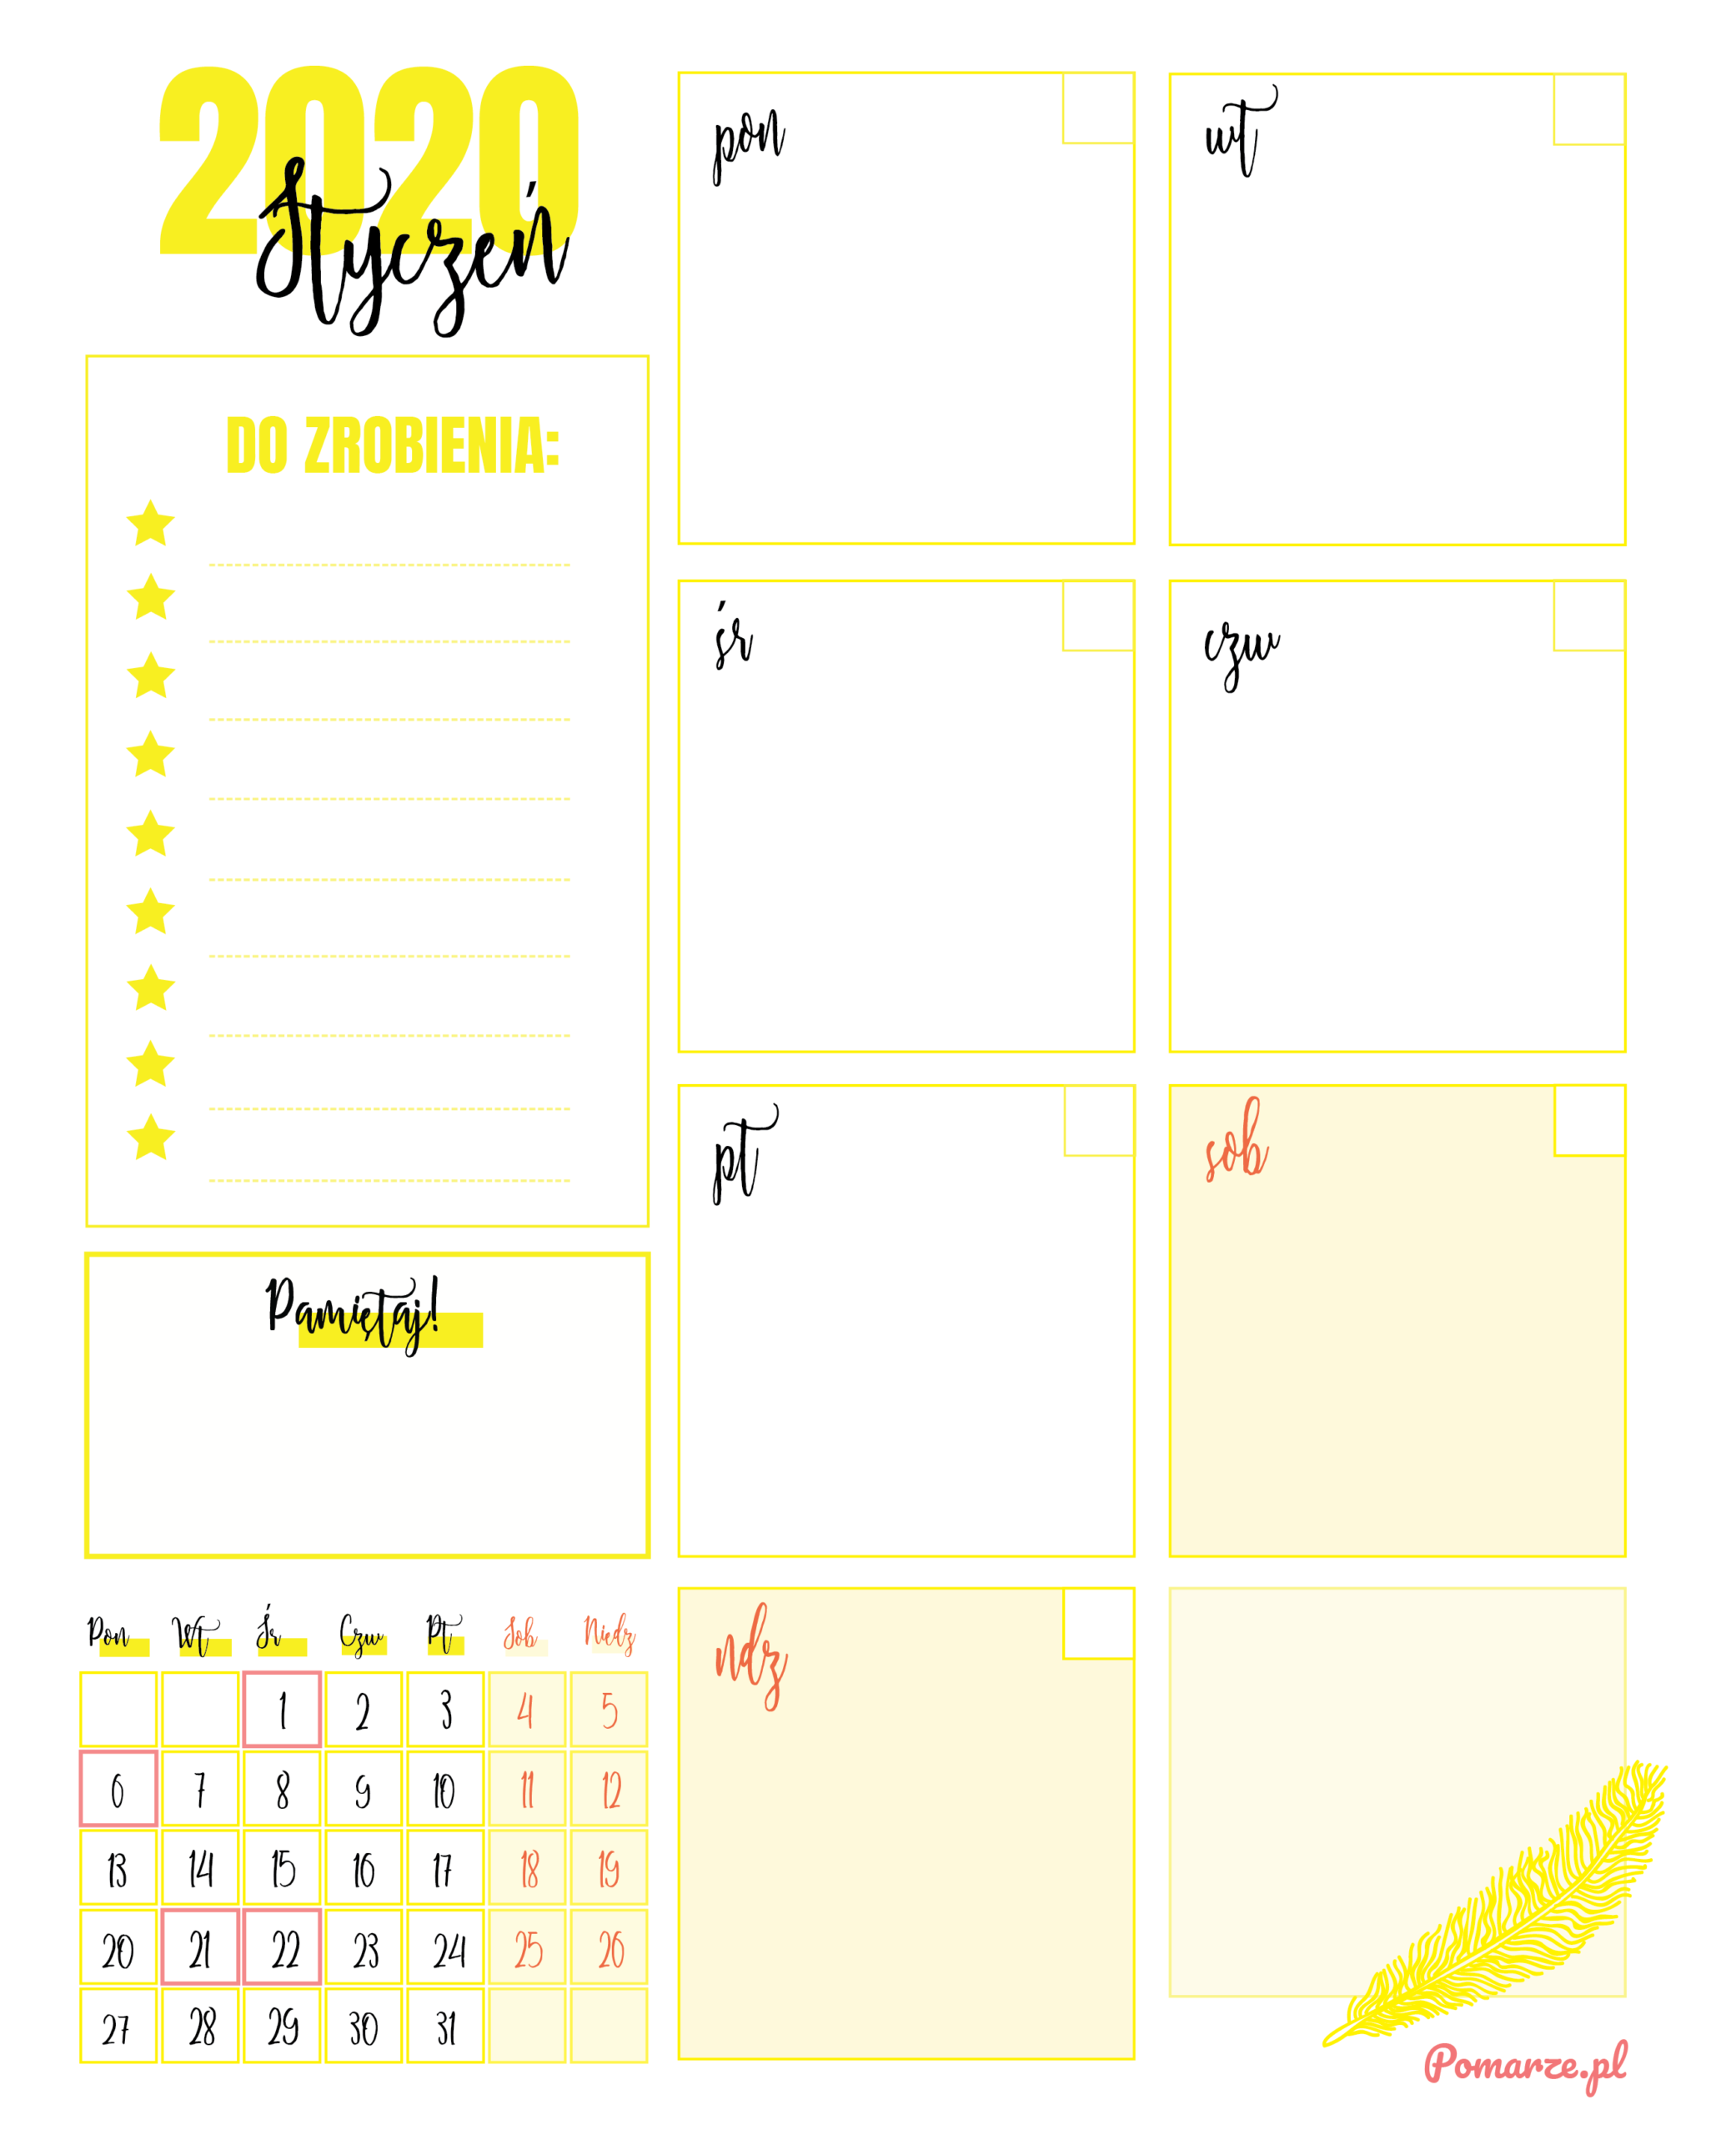 Kalendarz Miesięczny 2020 Pomarze Do Druku PDF żółty